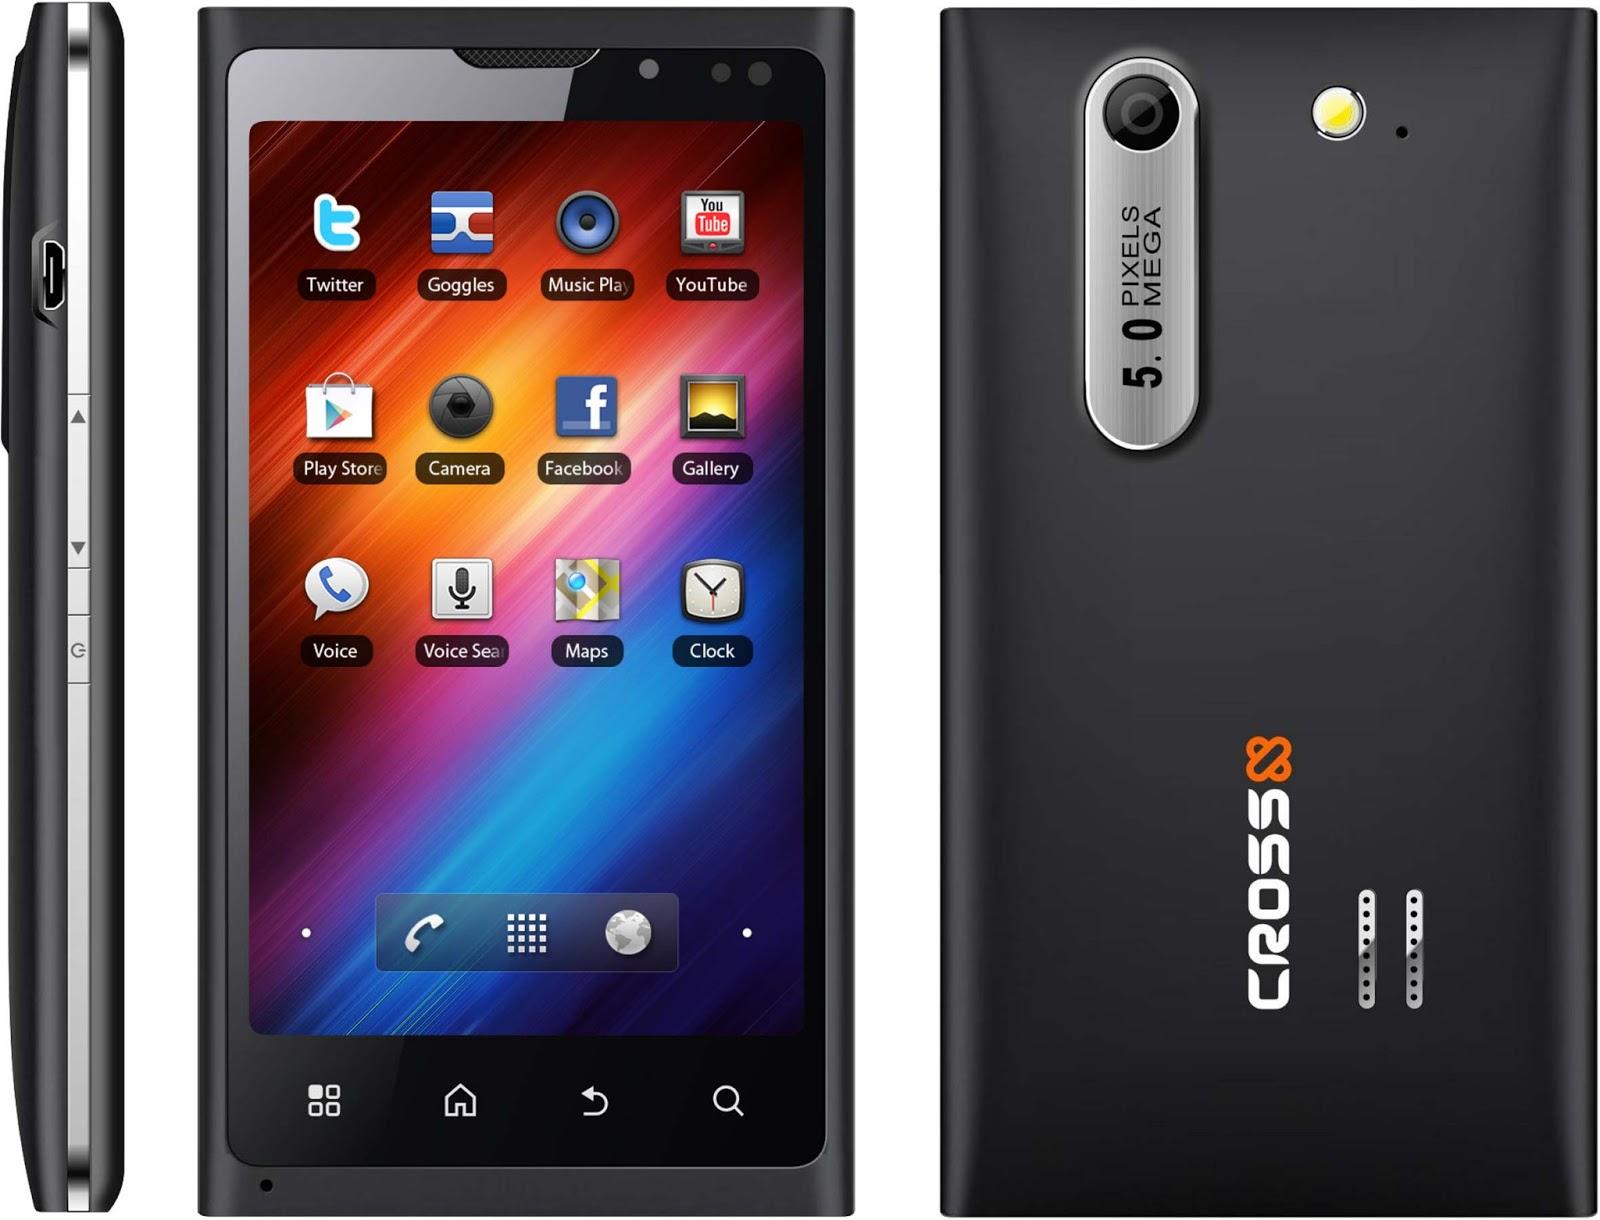 Cross a7s Ponsel Android Harga Di Bawah 1 Jutaan Bisa BBM